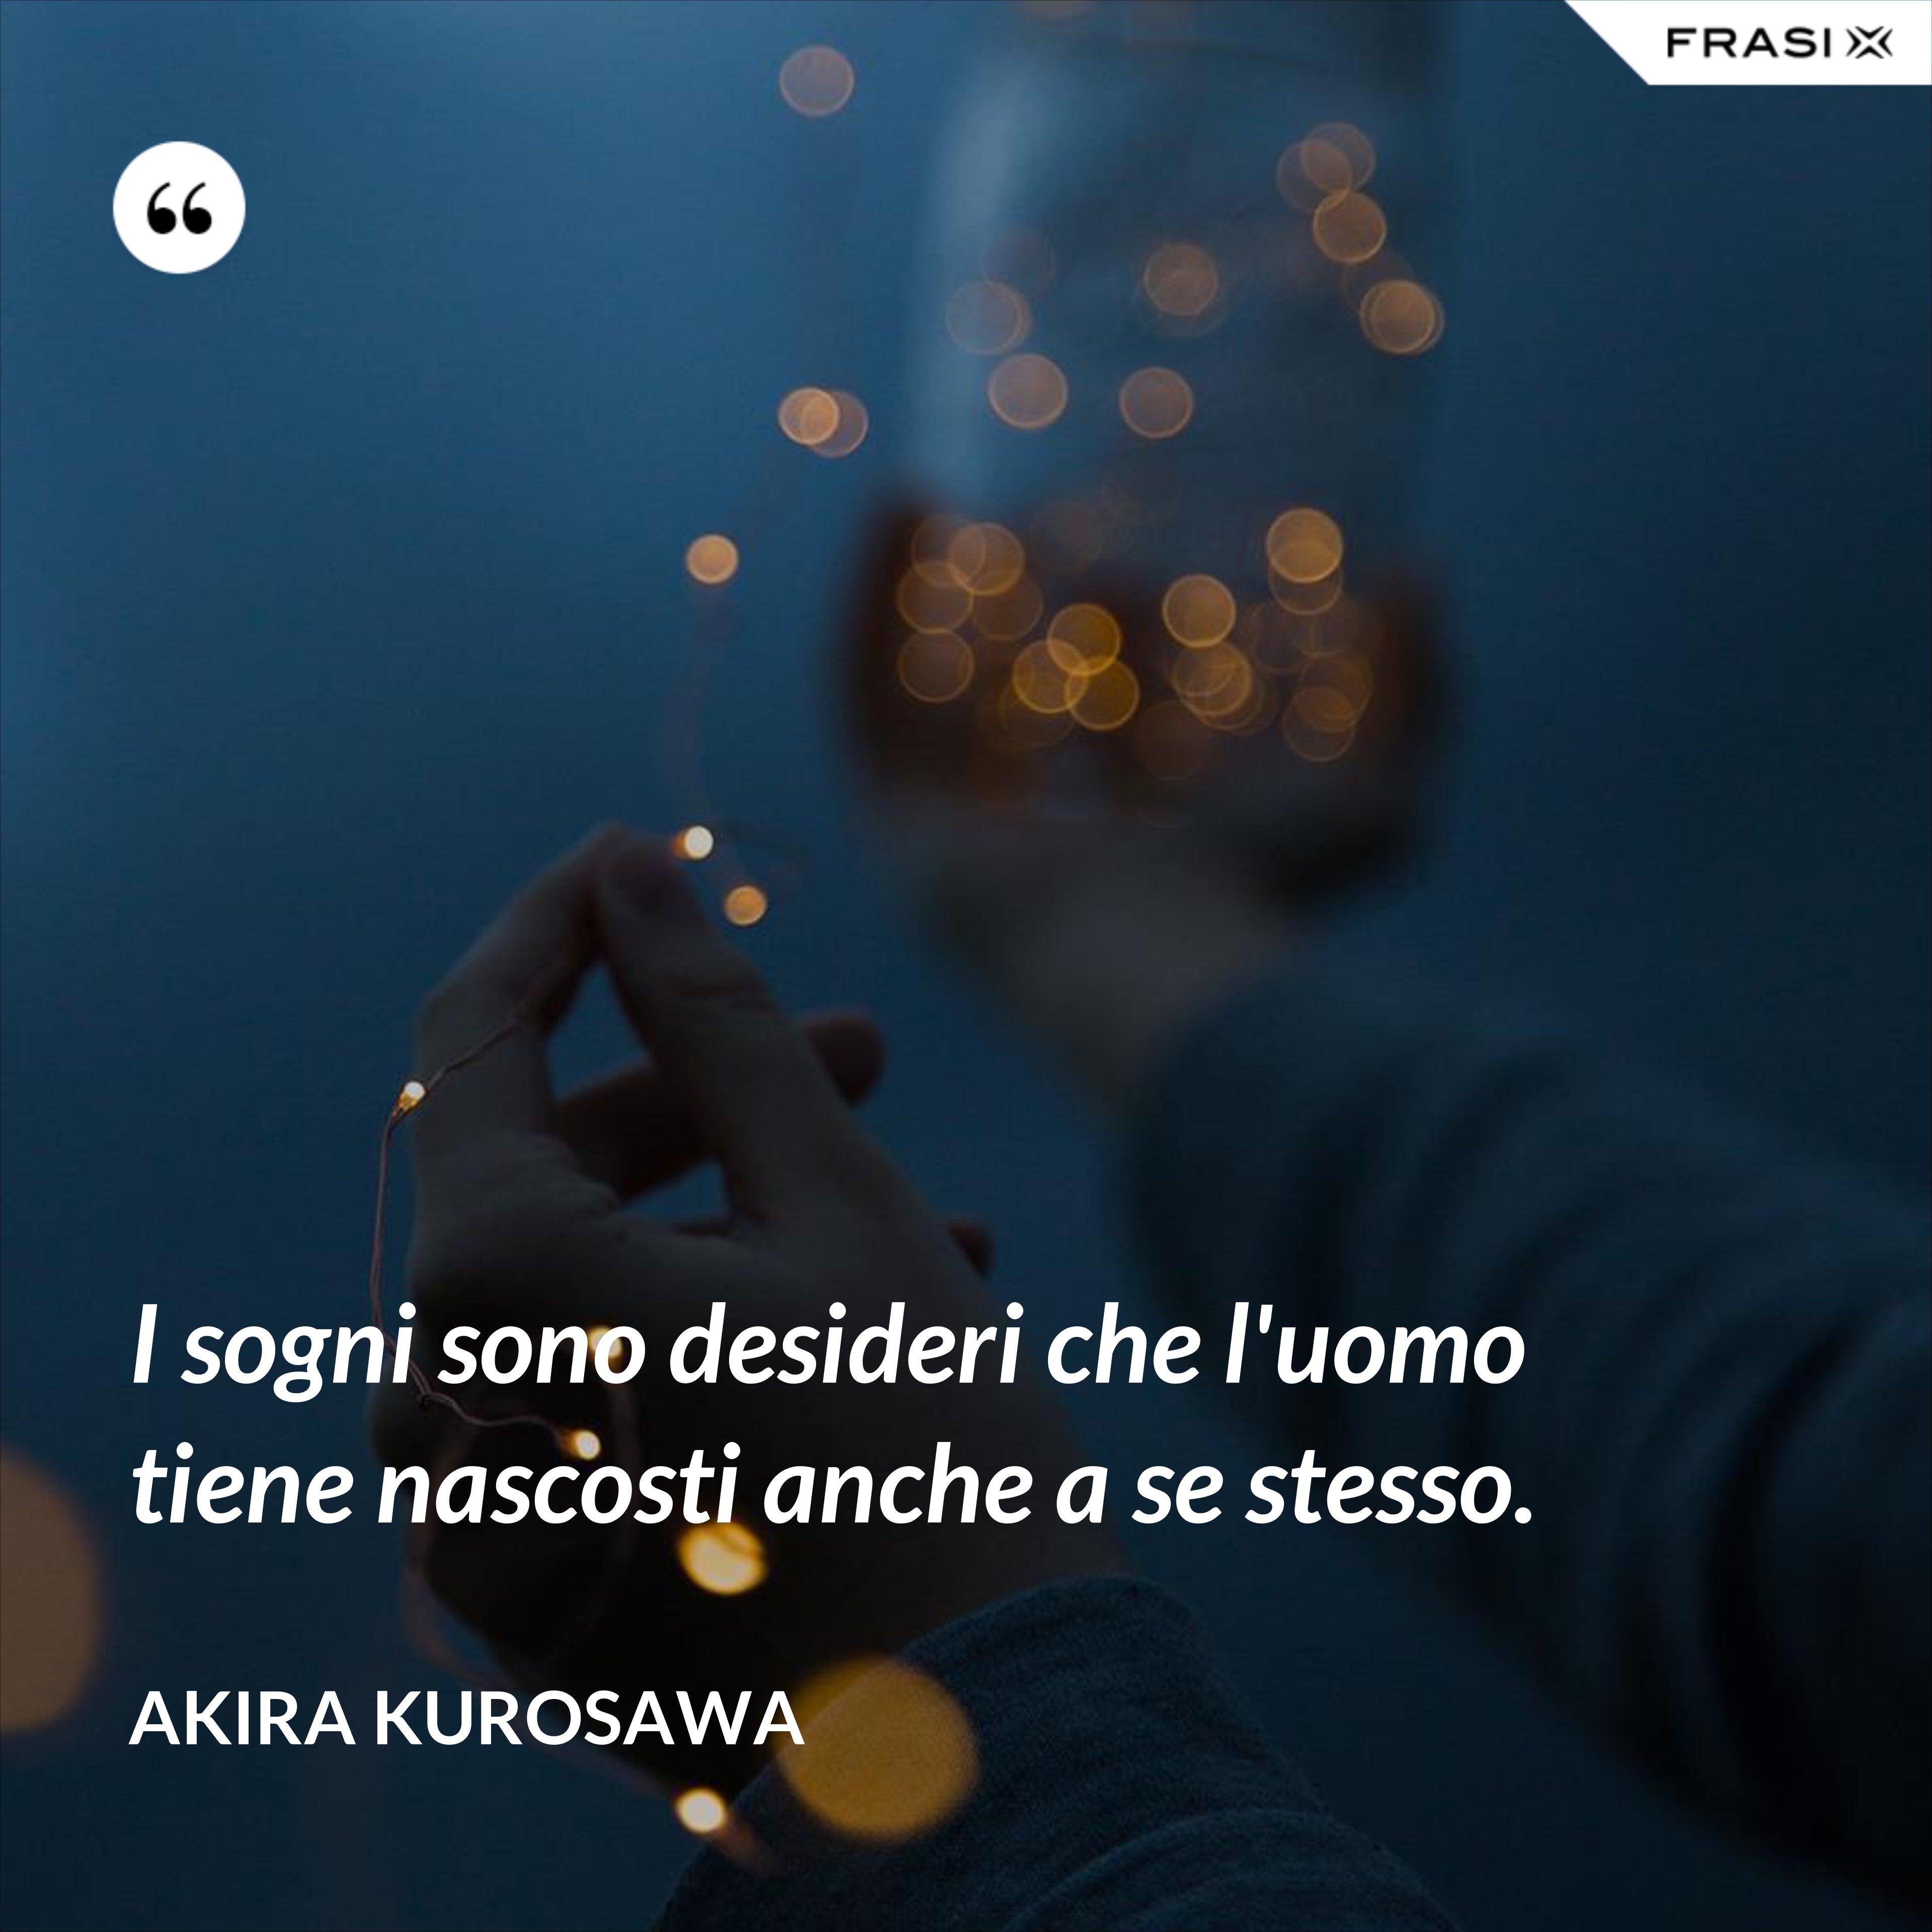 I sogni sono desideri che l'uomo tiene nascosti anche a se stesso. - Akira Kurosawa